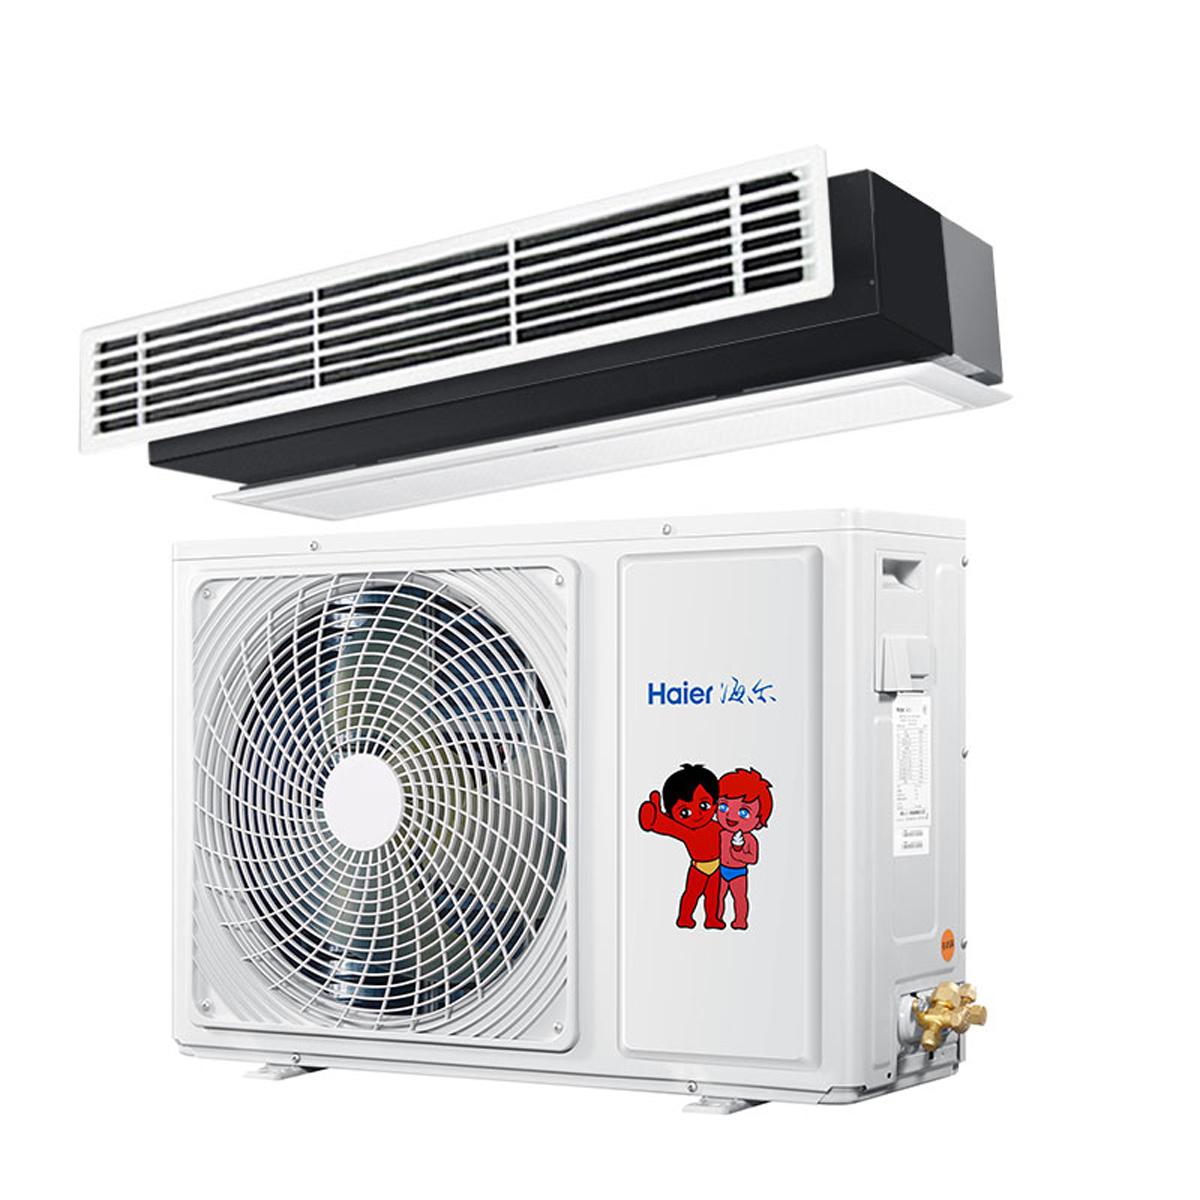 Haier/海尔             变频风管机             Haier/海尔 商用空调 KFRd-36NW/55DAA22